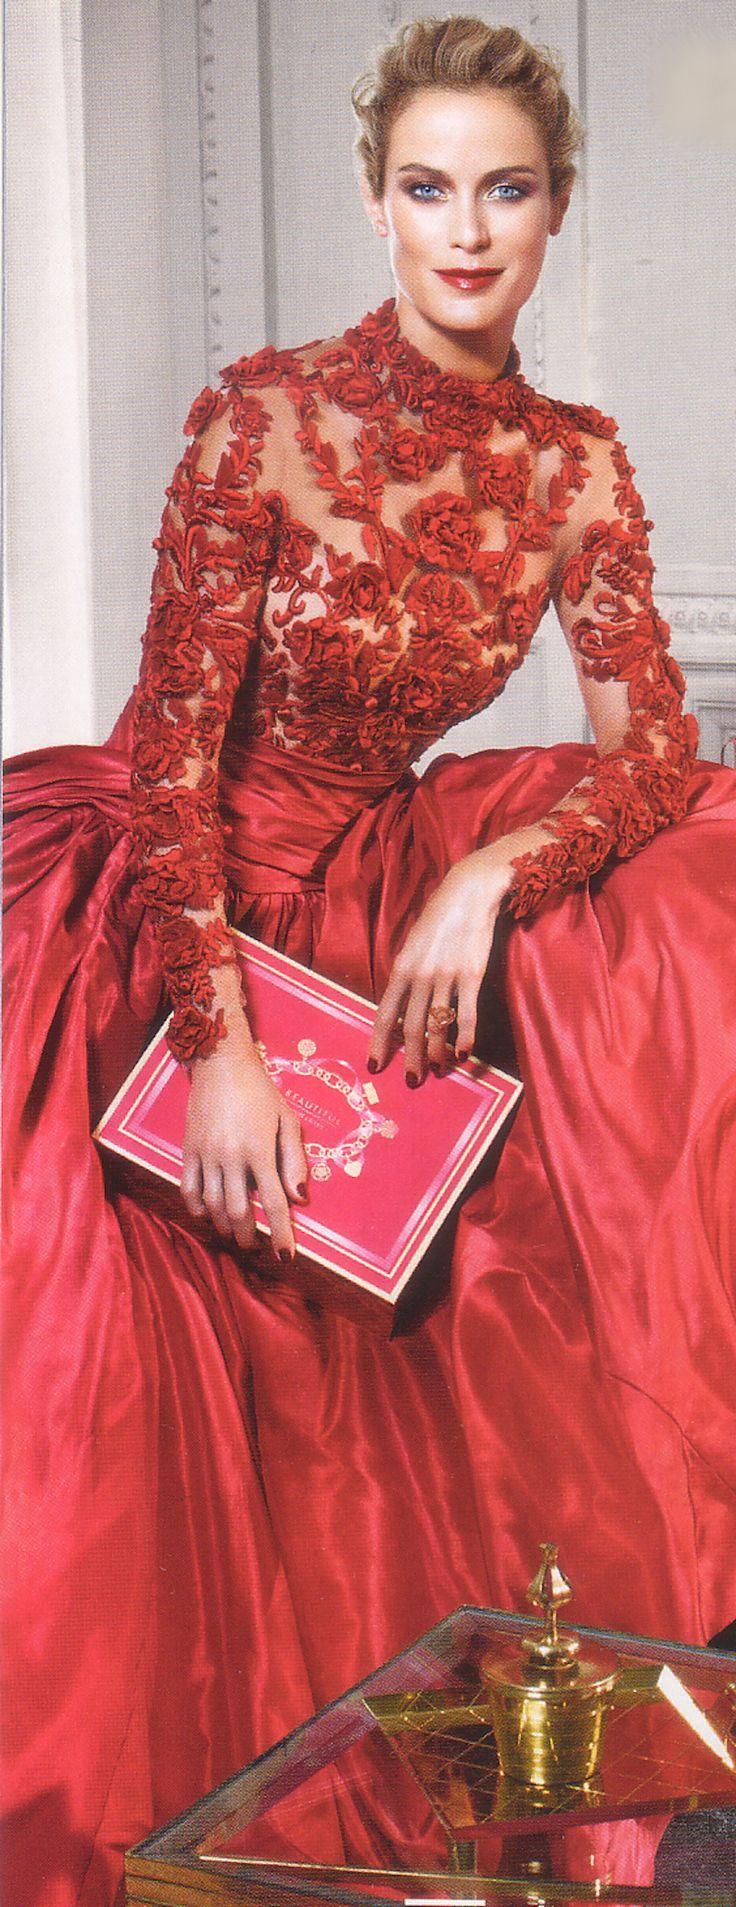 Glamour gowns / karen cox.  Estée Lauder -